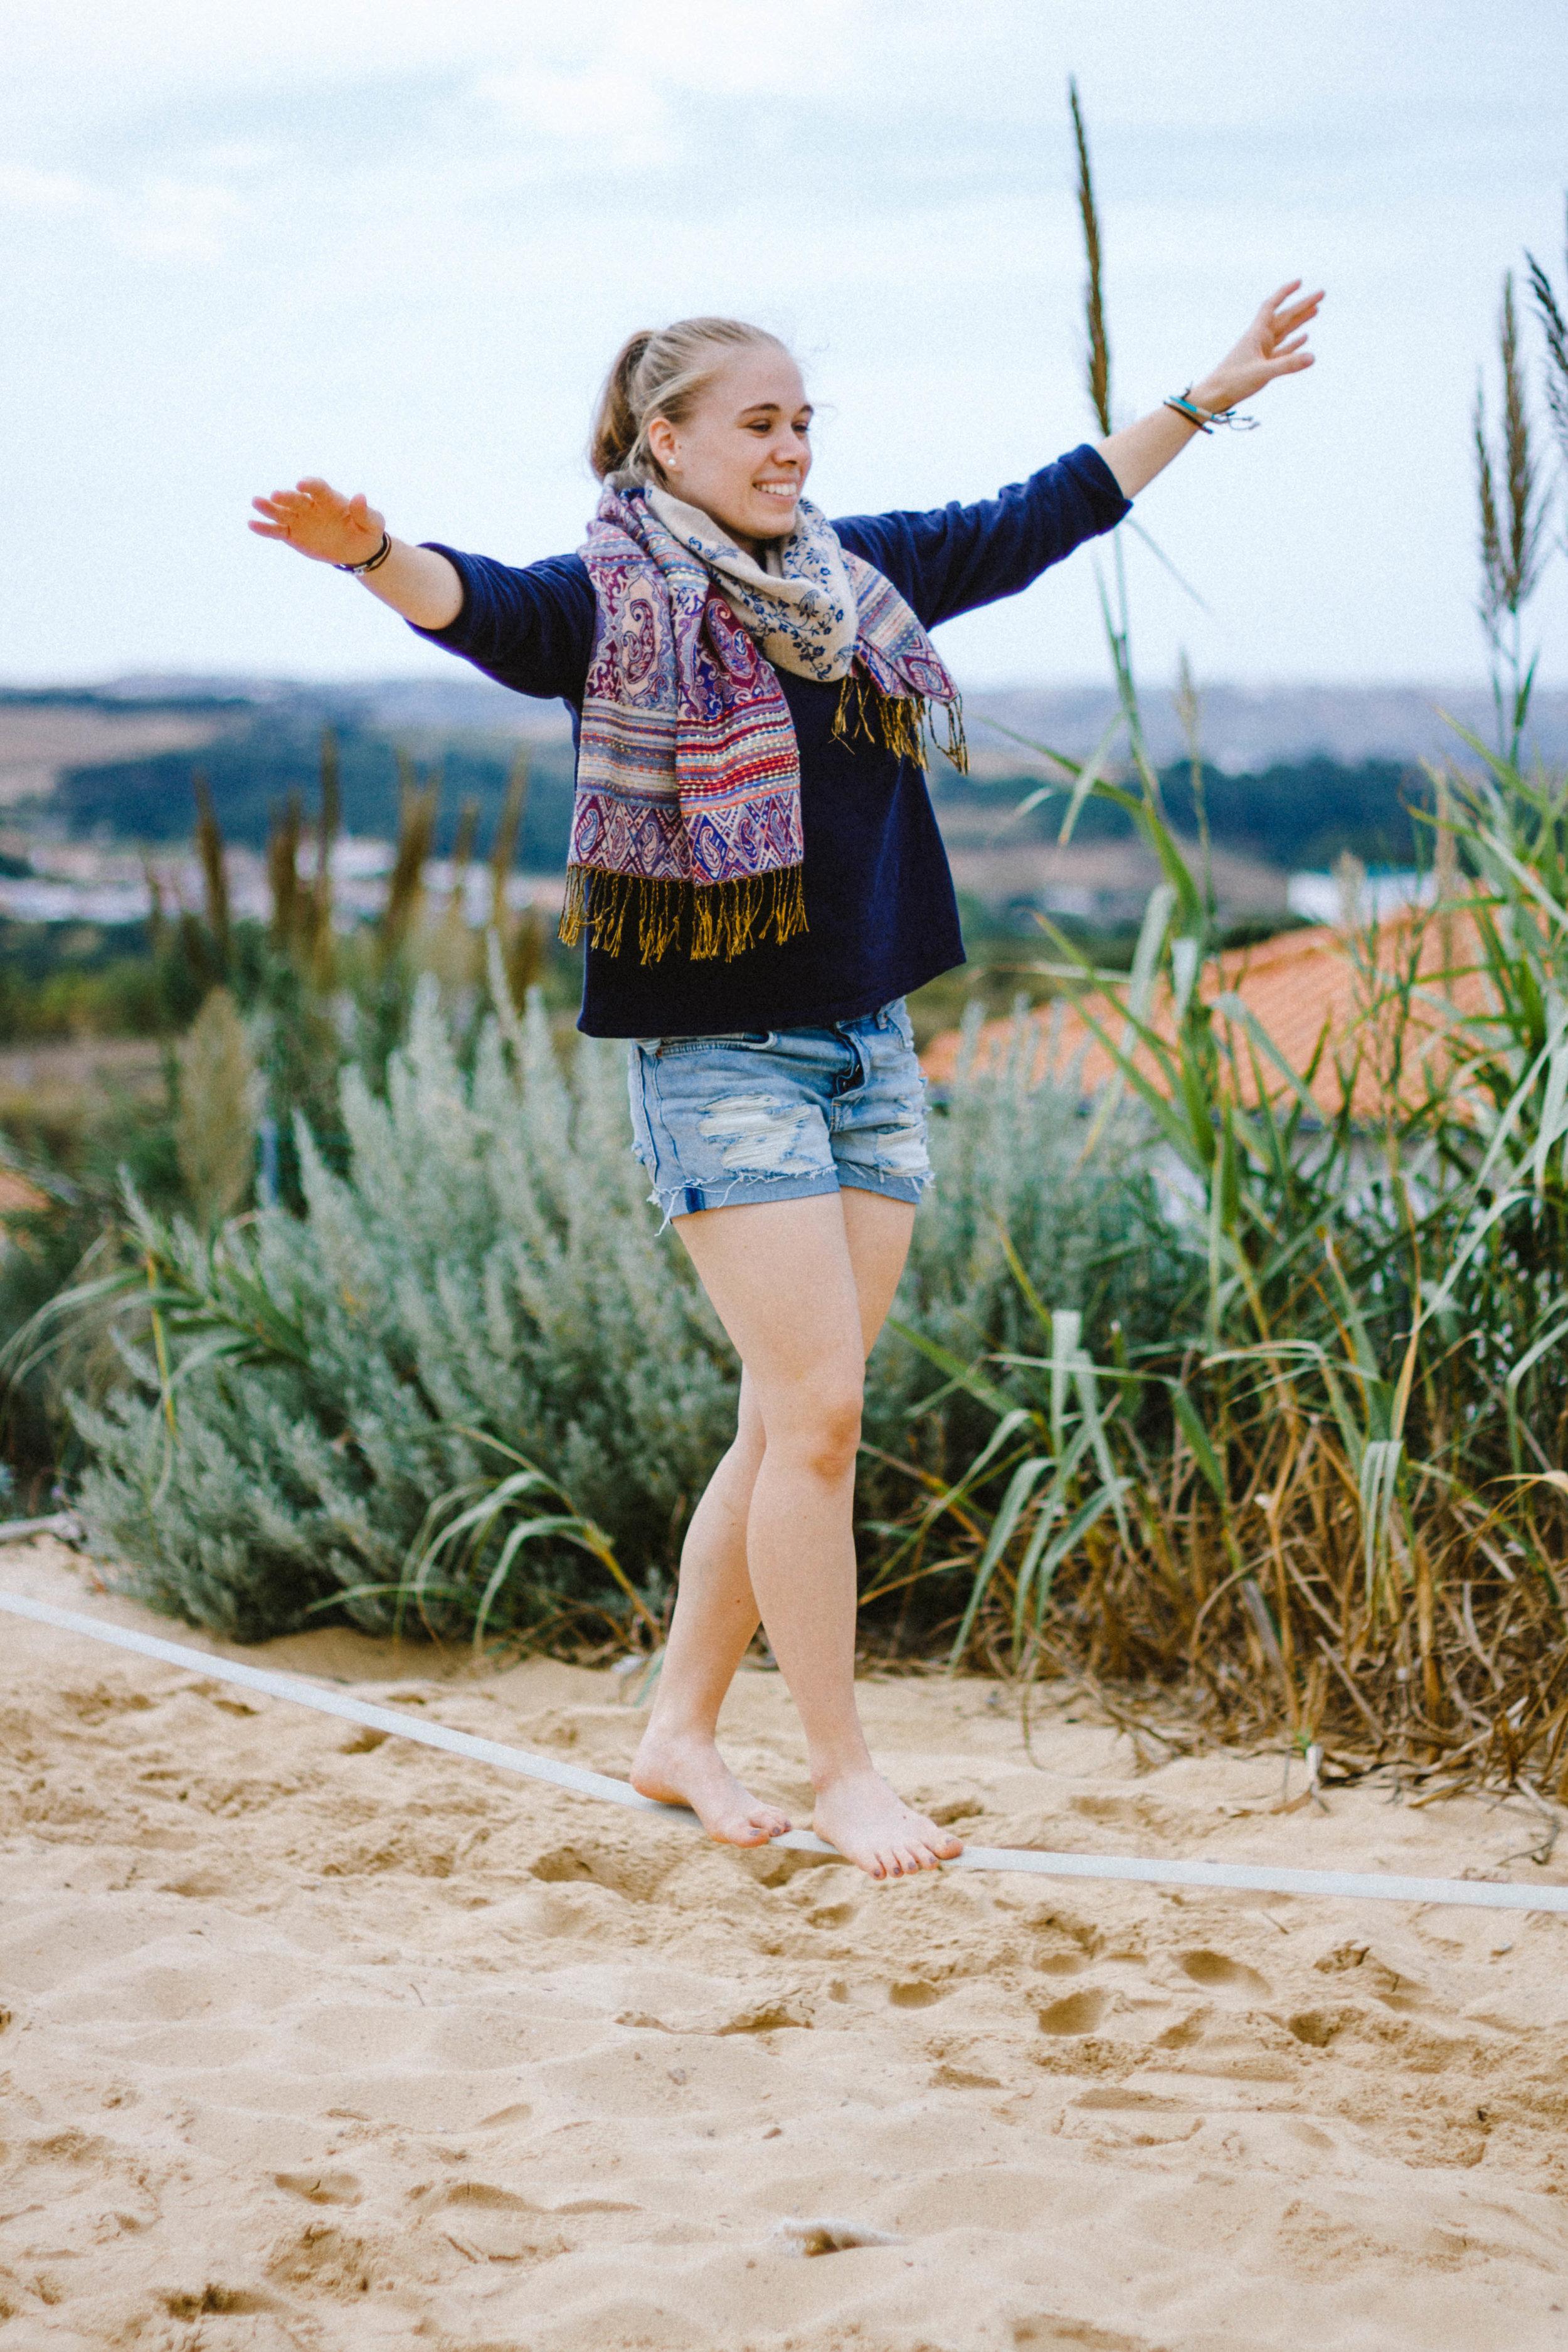 Mensch auf Slackline-Sand-Gräser.jpg